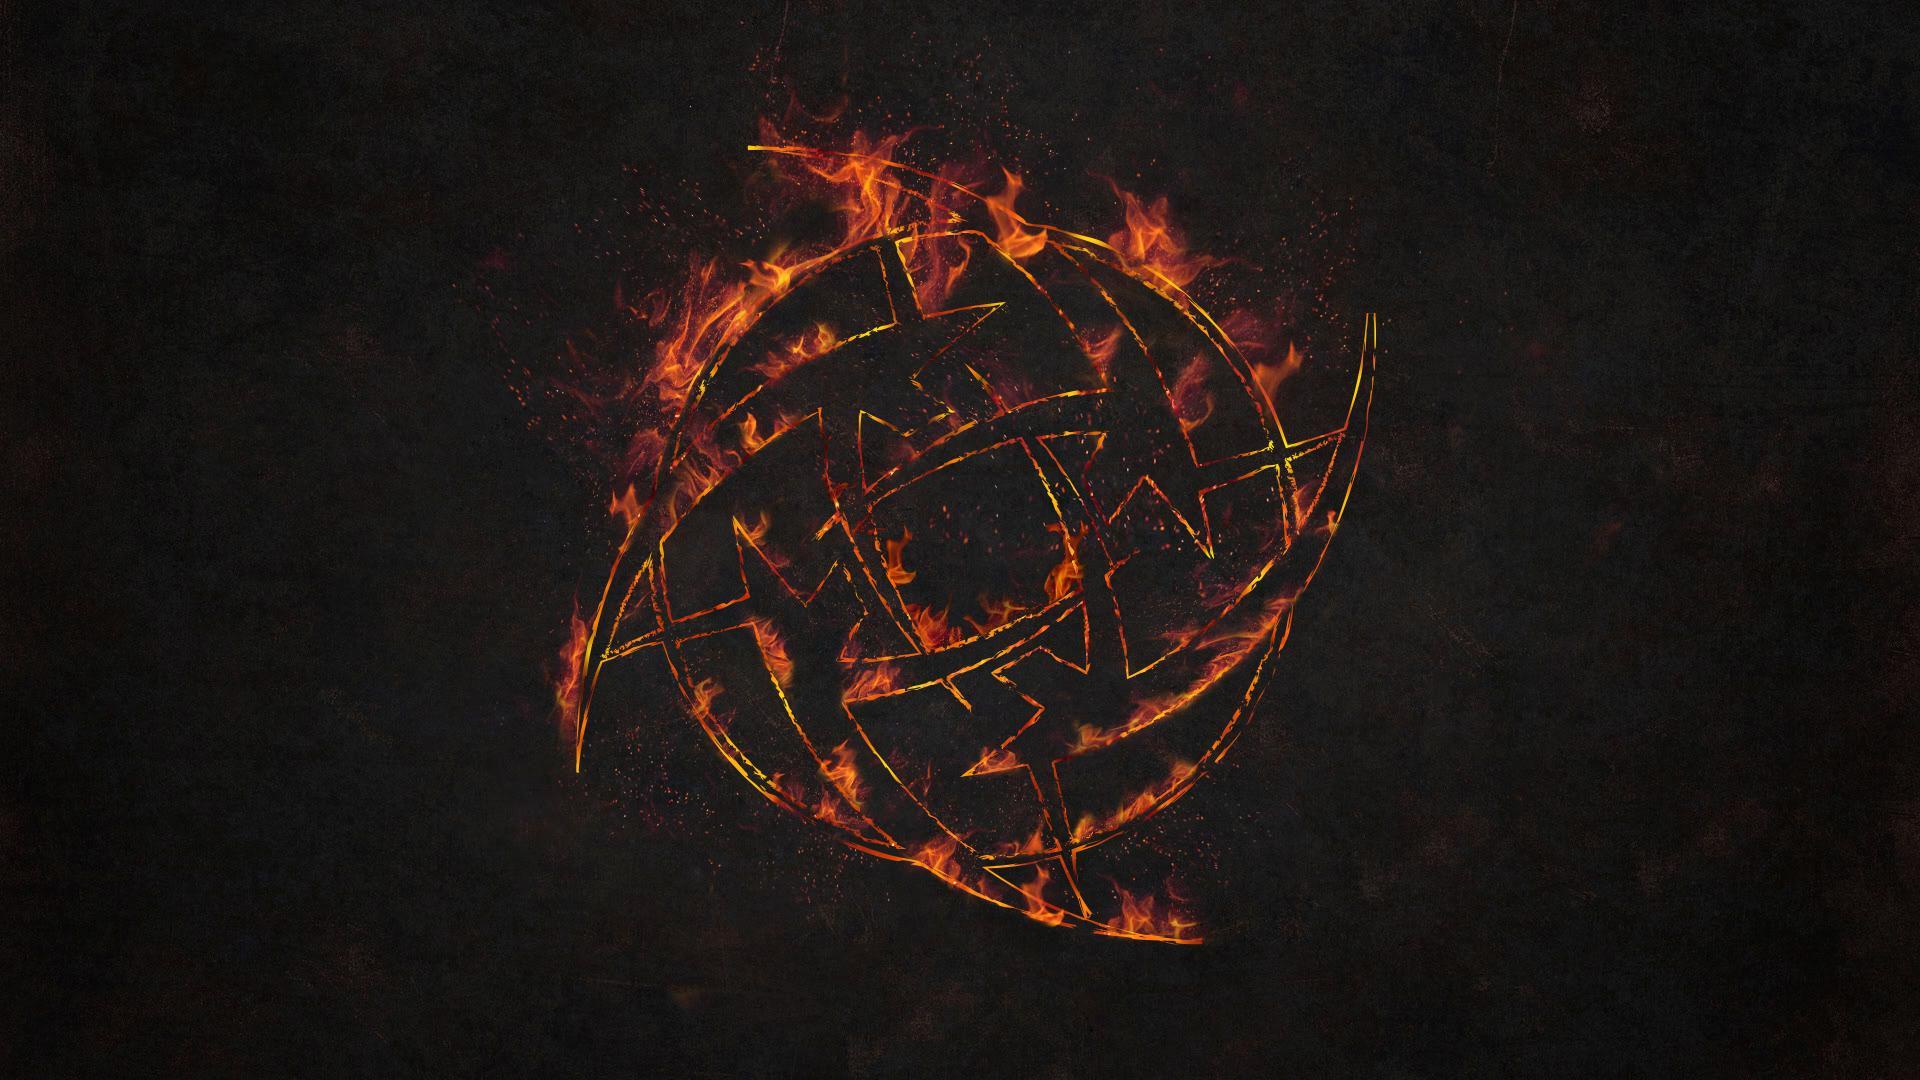 NIP Fire